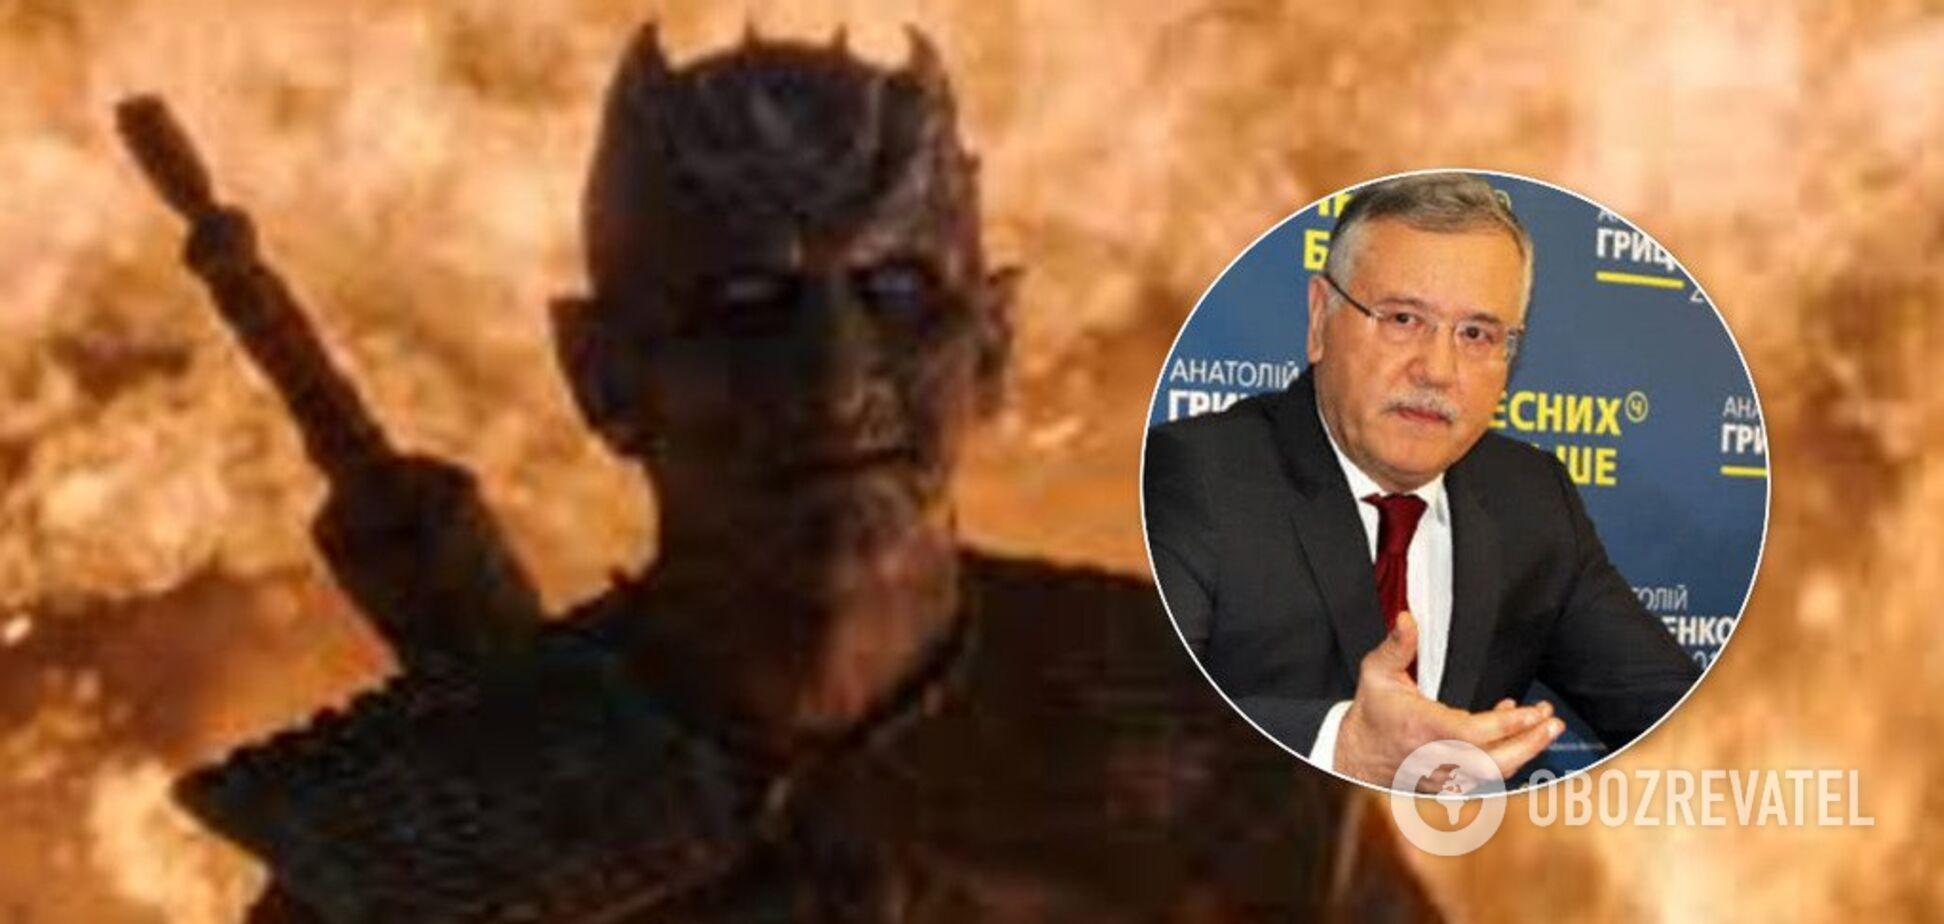 Епізод з гучного ролика Гриценка 'вставили' в 'Гру престолів'